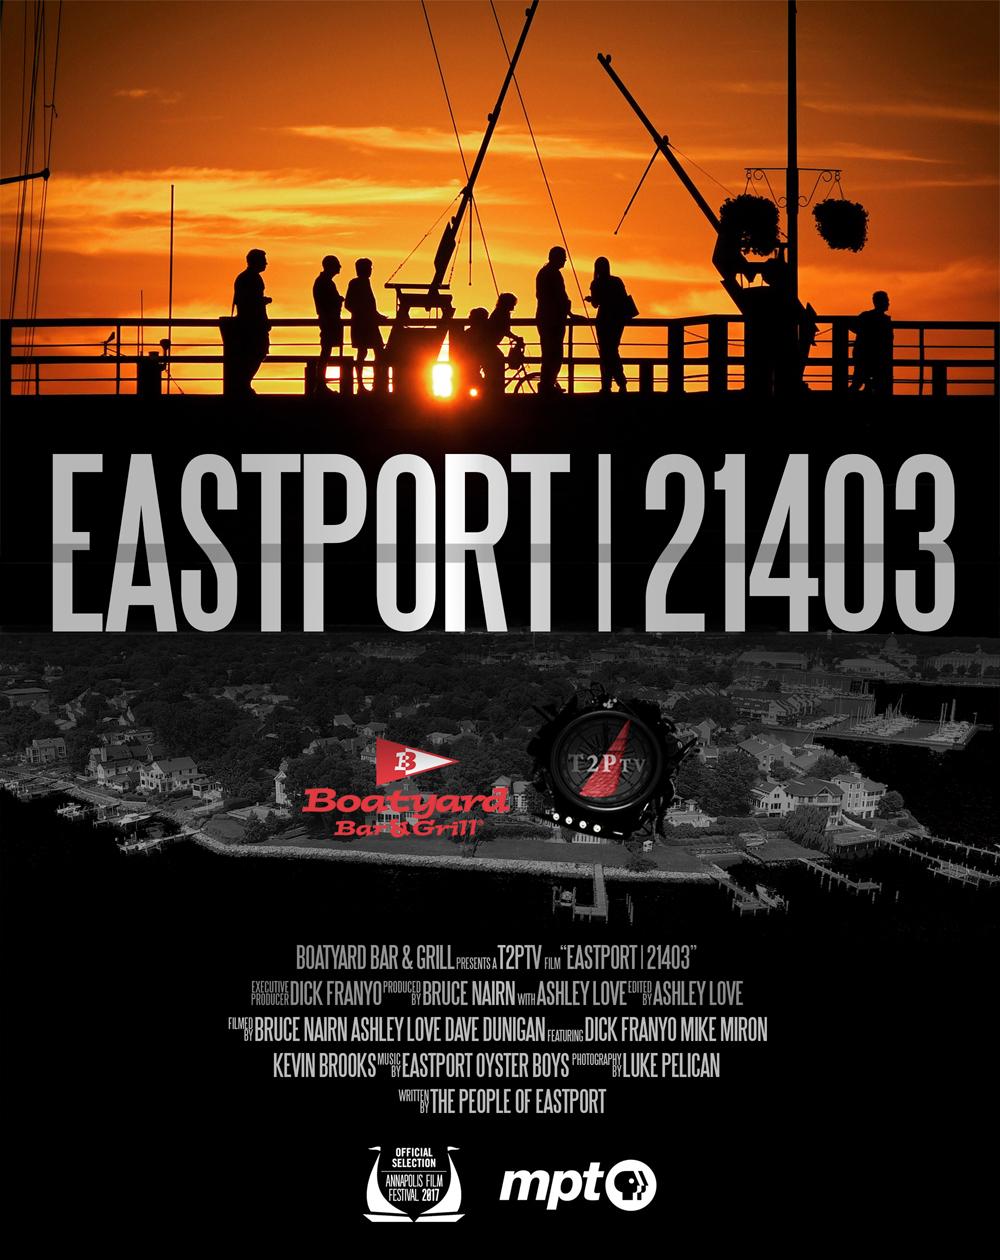 Eastport-21403